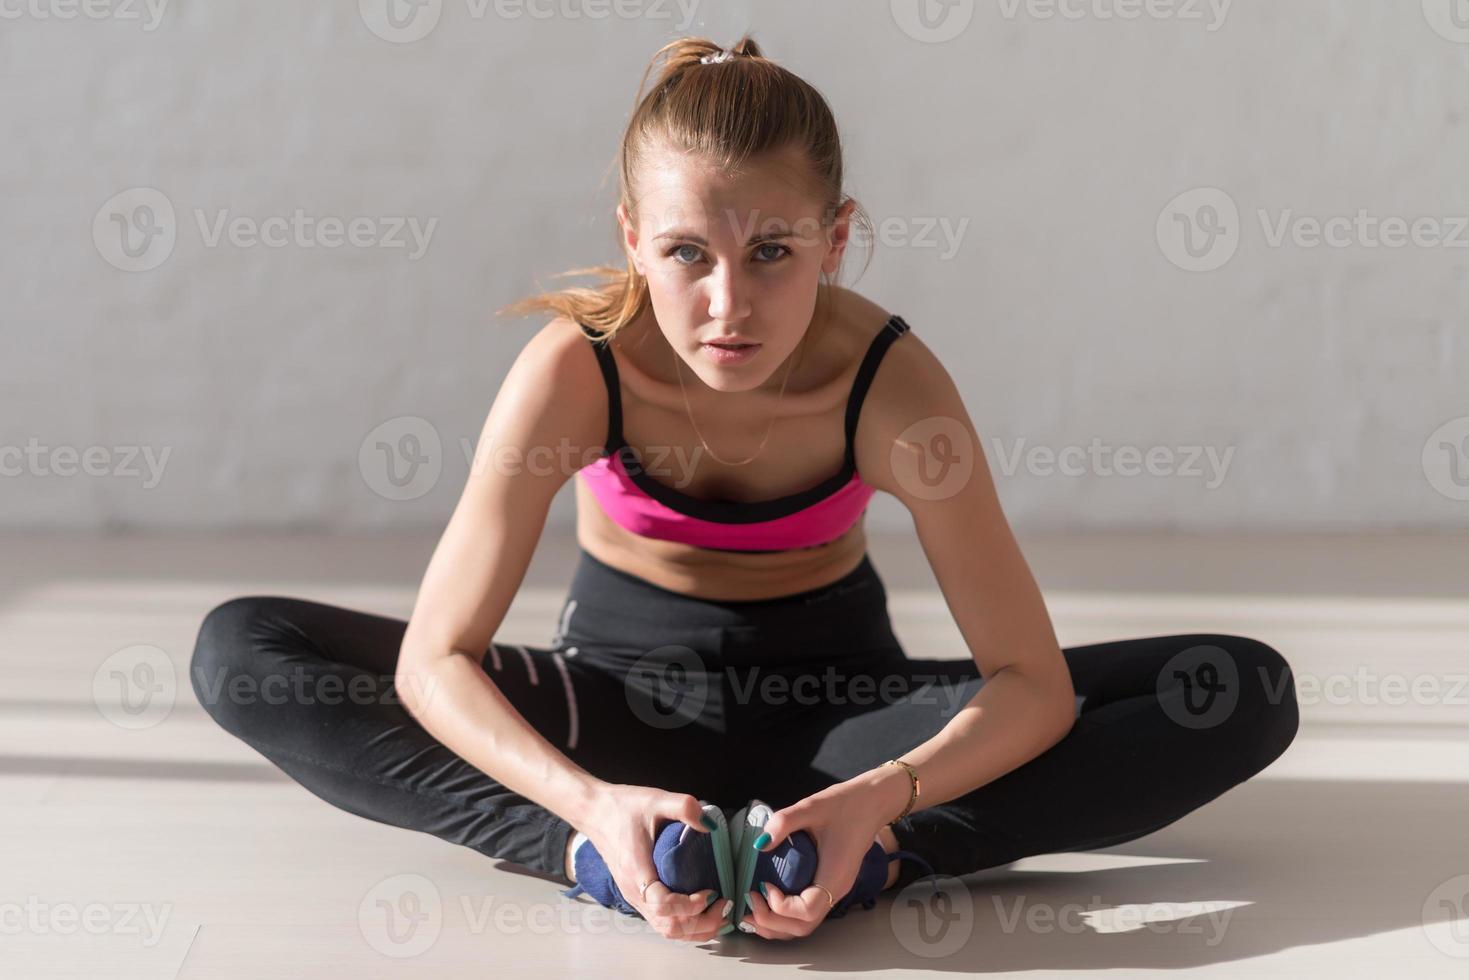 fitness athlète sportive femme sport modèle fille formation gym faire photo